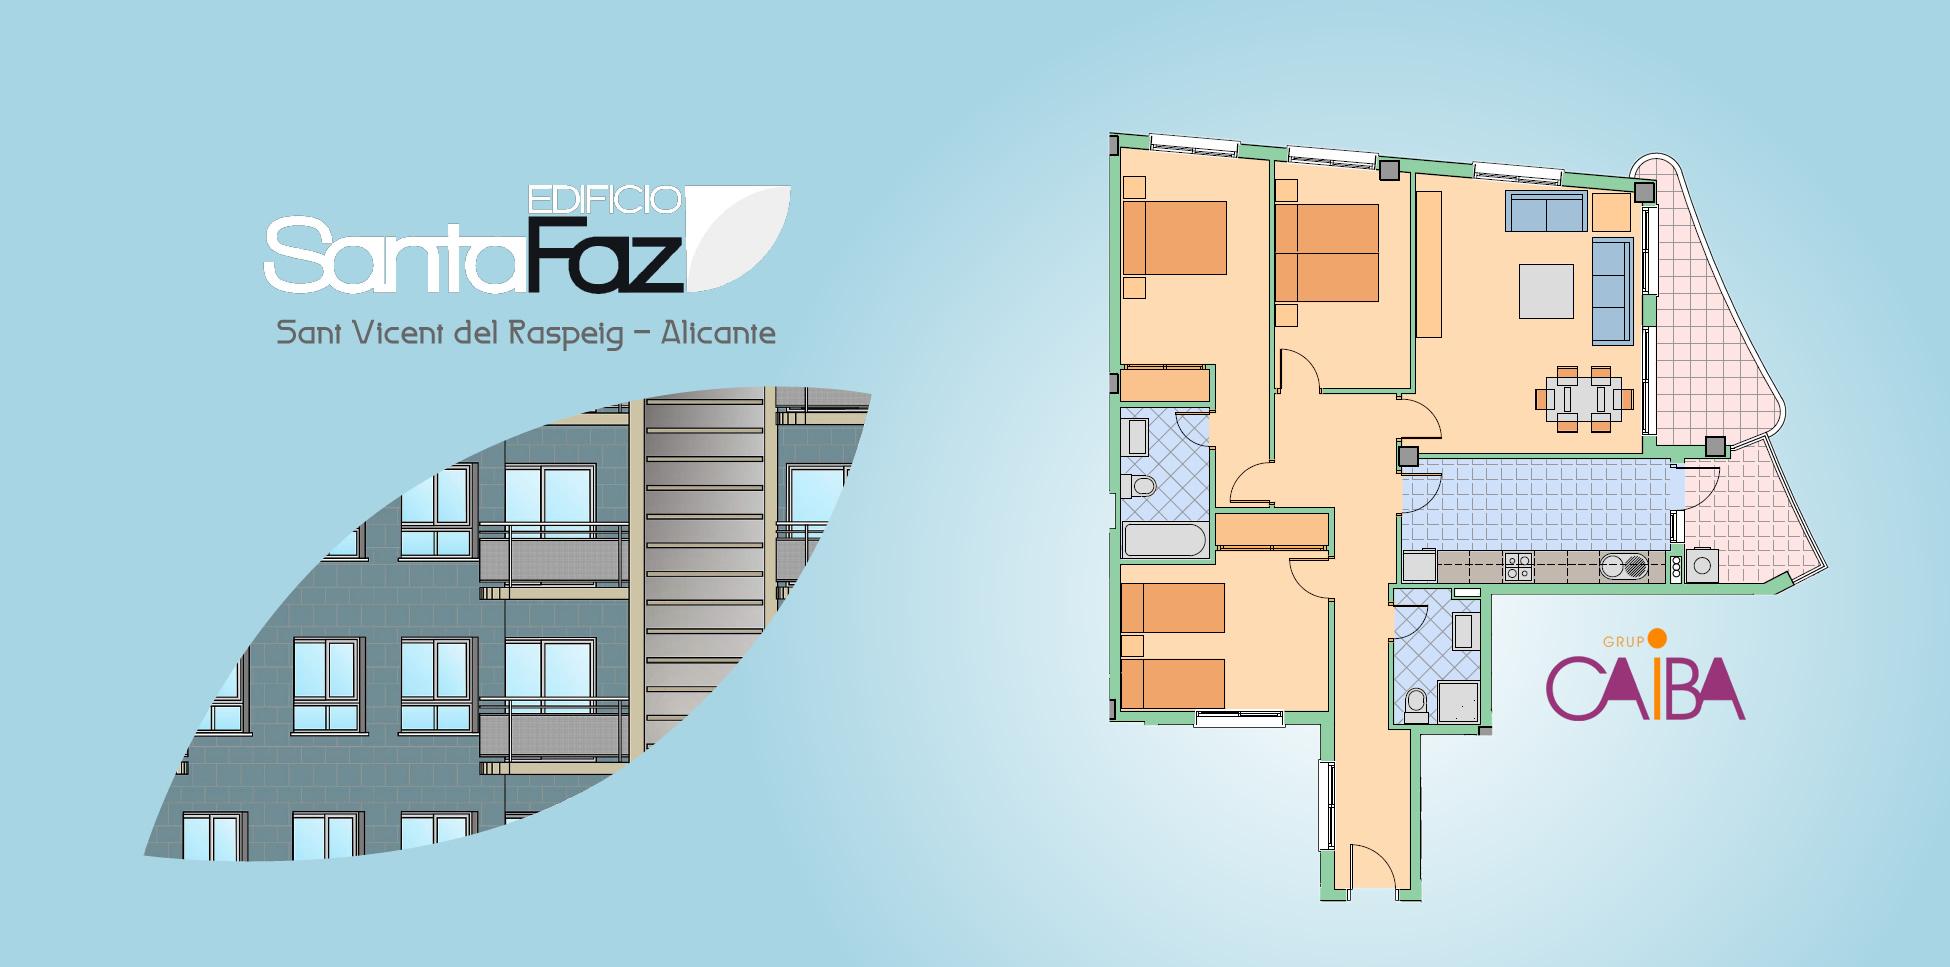 Edificio plurifamiliar de 65 viviendas de obra nueva con garajes y trasteros en San Vicente del Raspeig